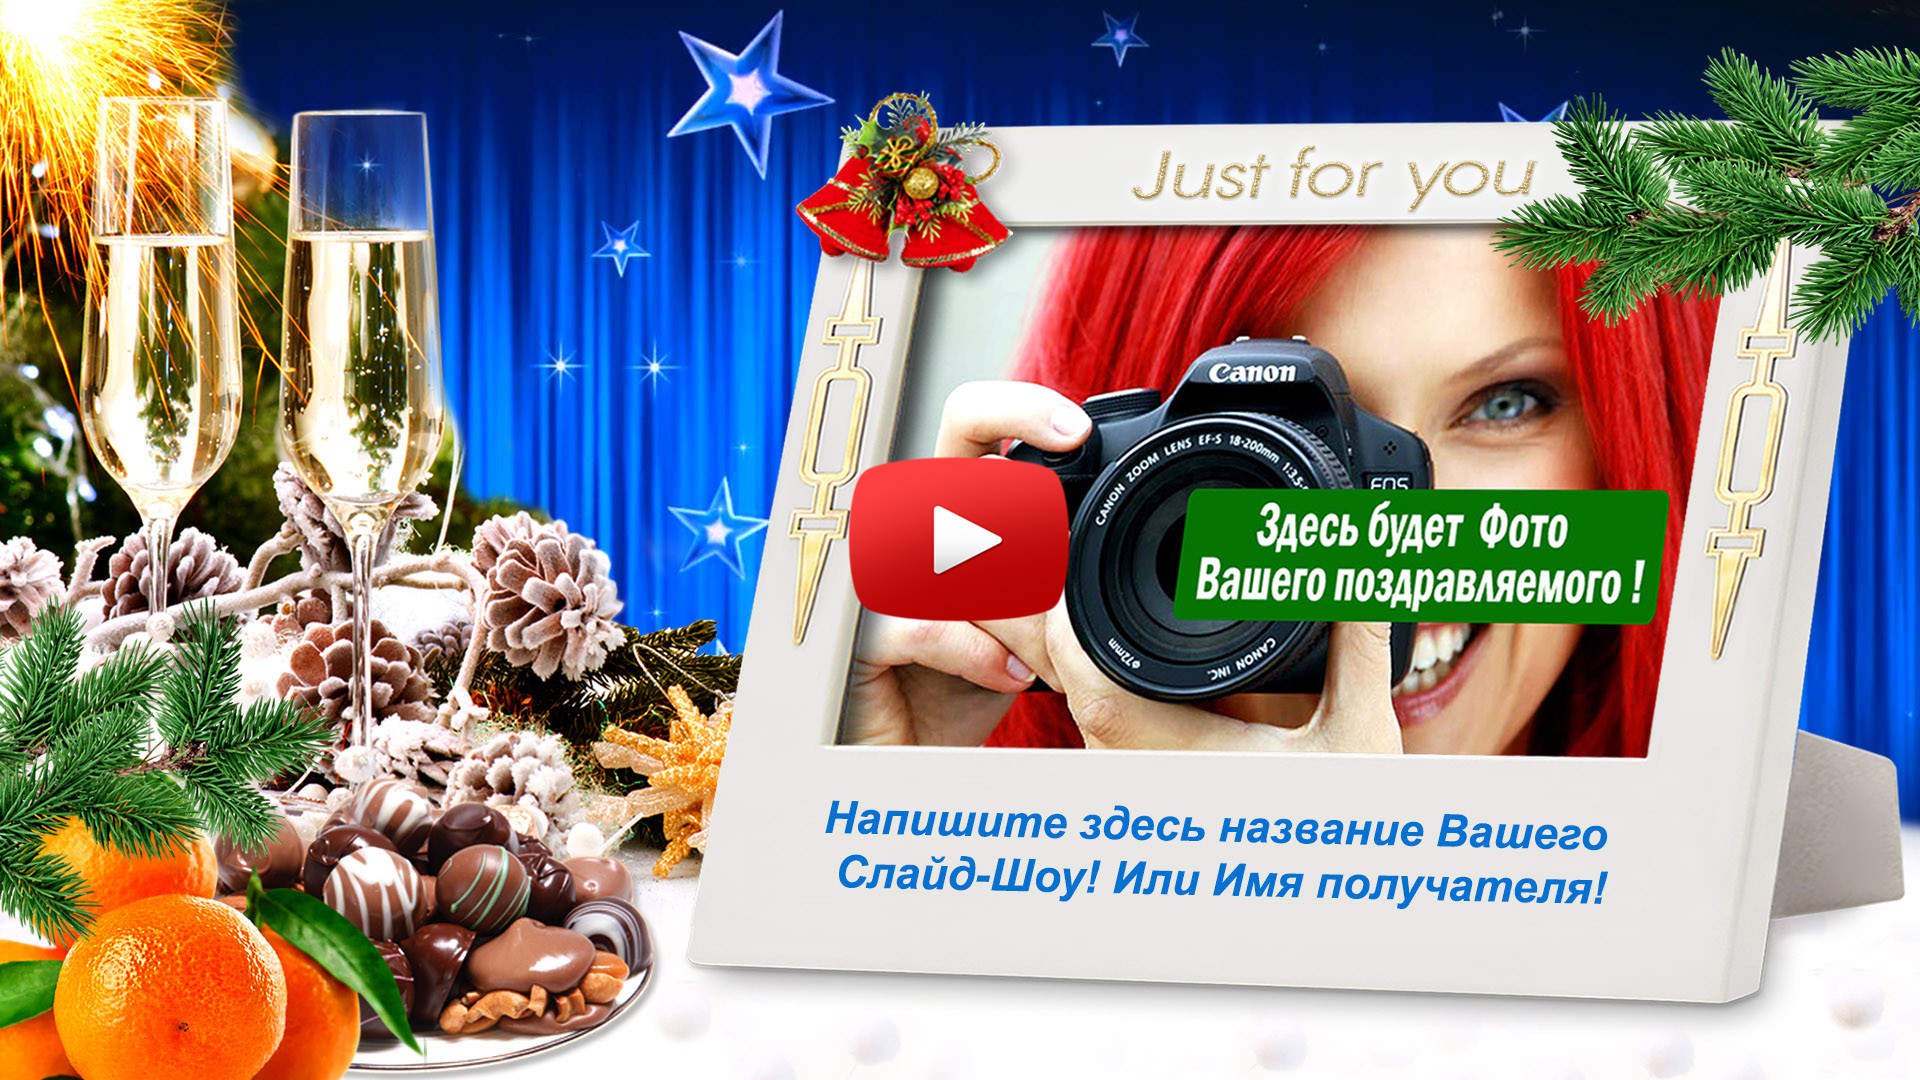 ФОТОКЛИП - Новогодний!